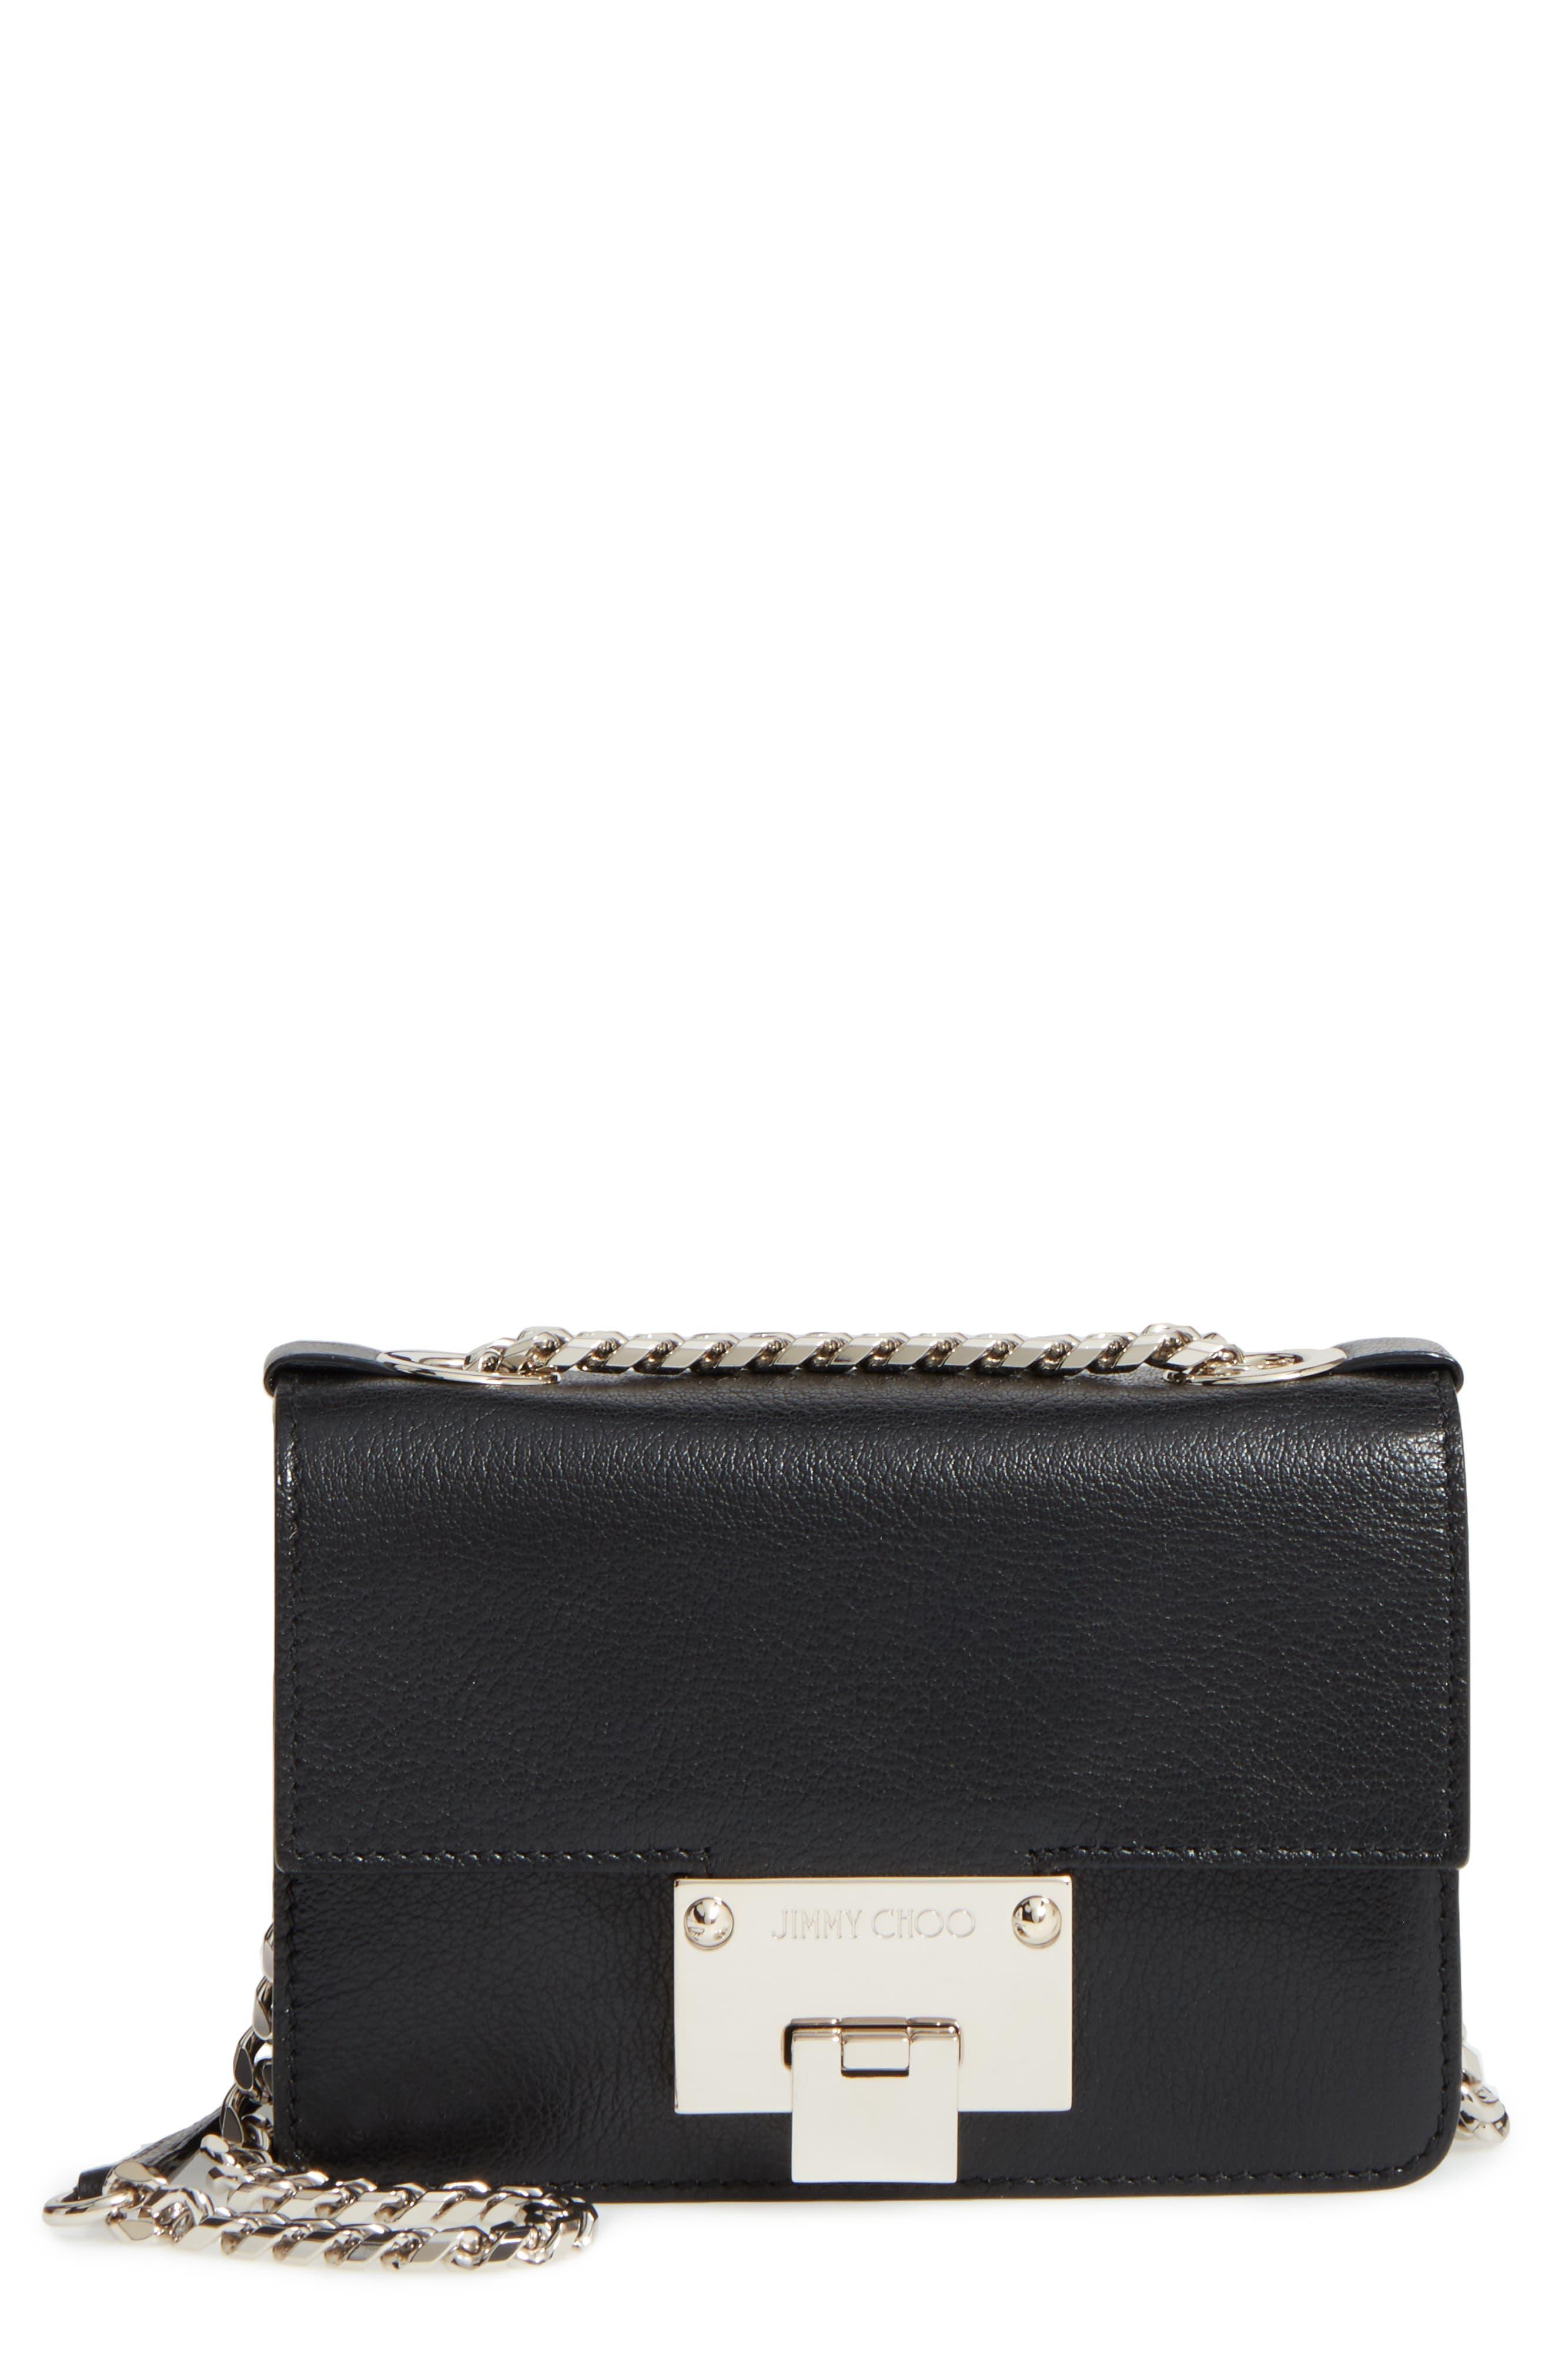 JIMMY CHOO Mini Rebel Leather Crossbody Bag